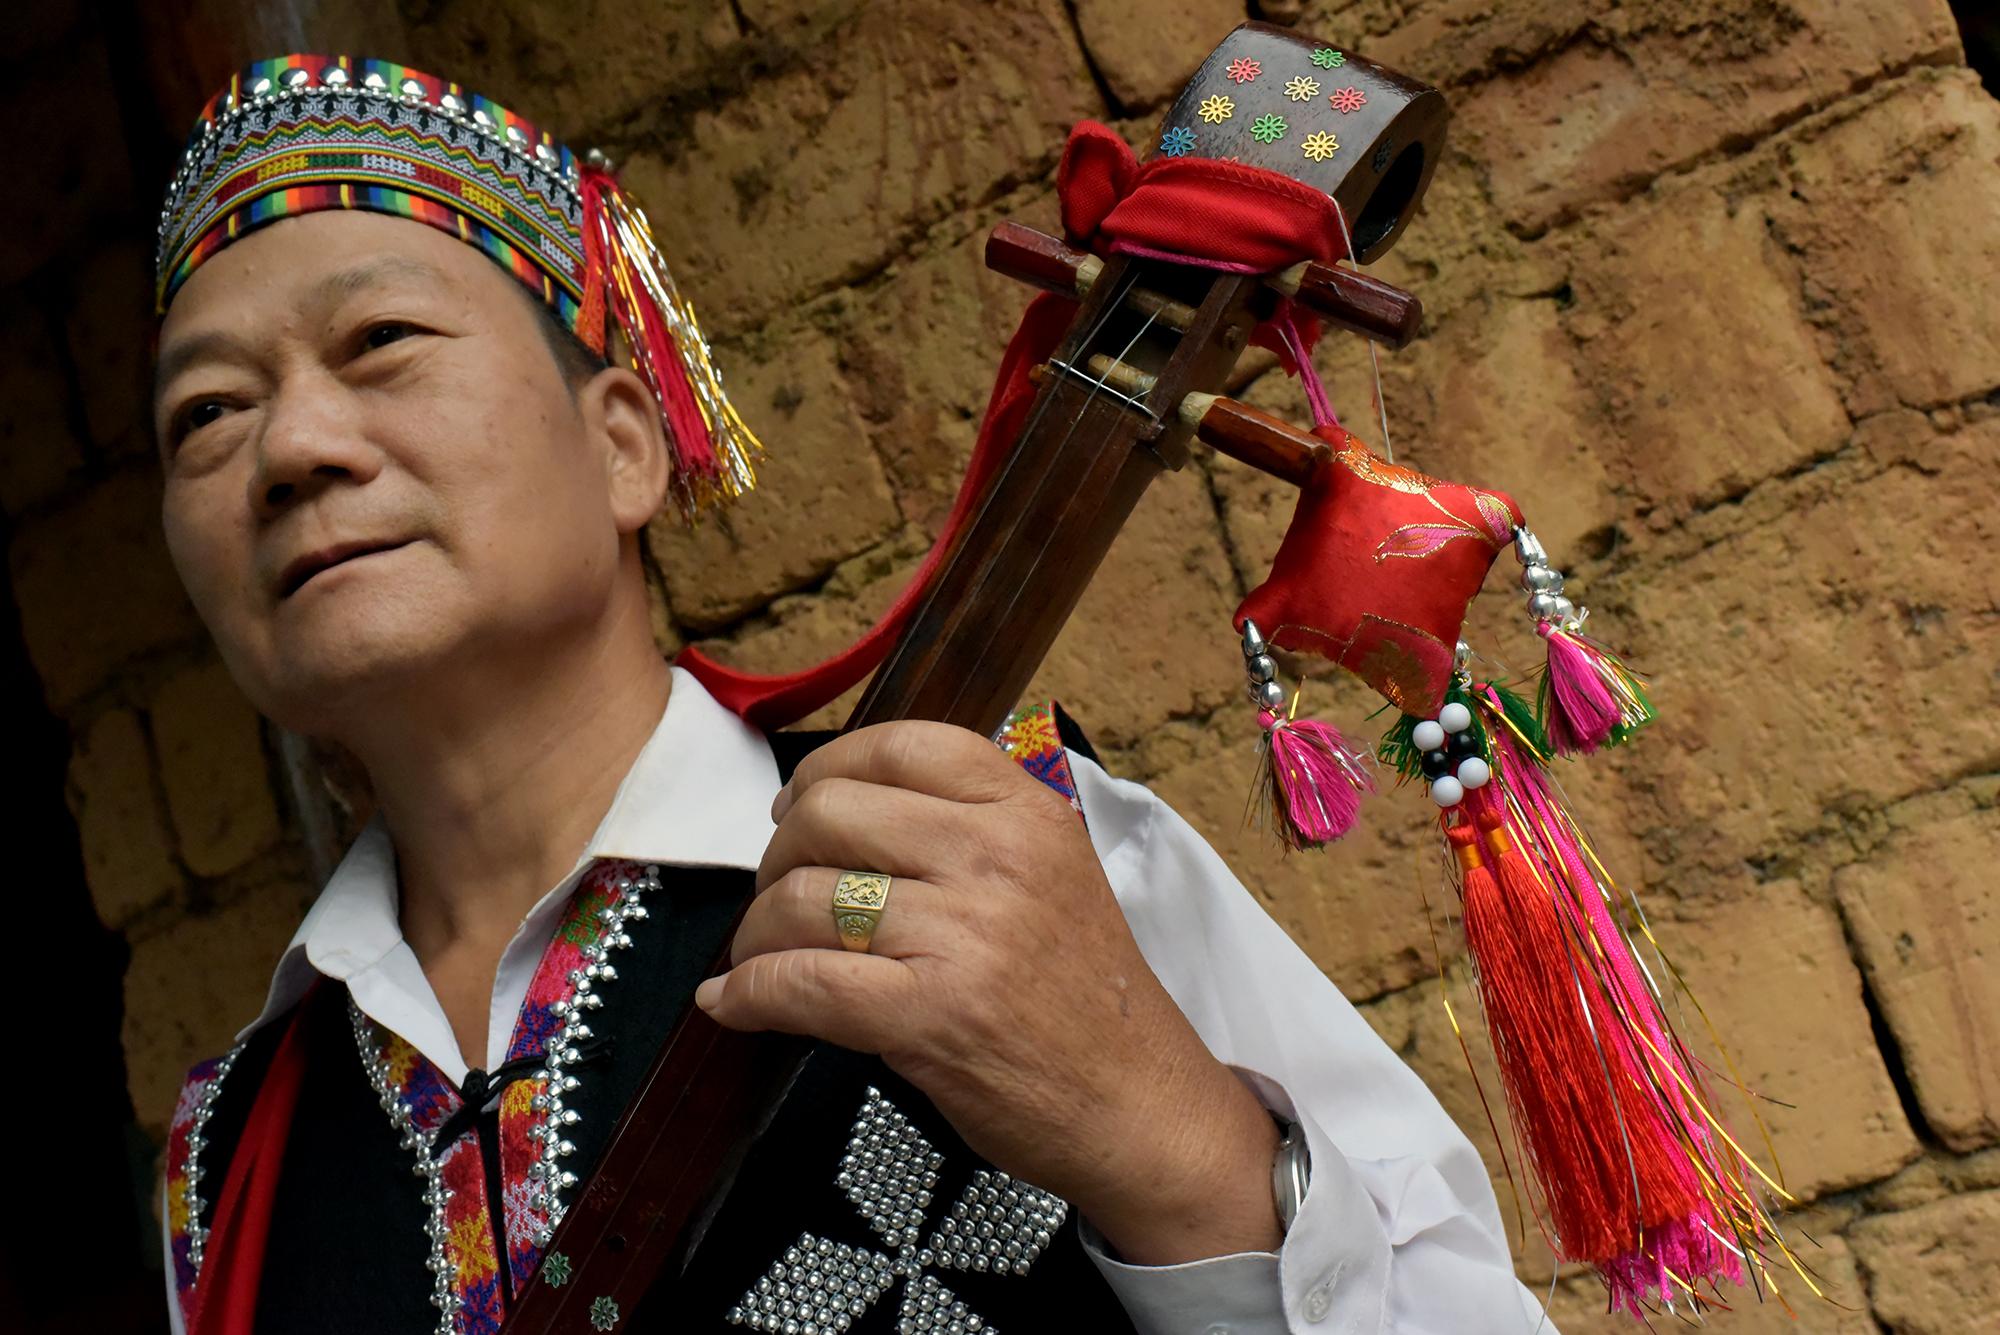 Bai Zheng Xing